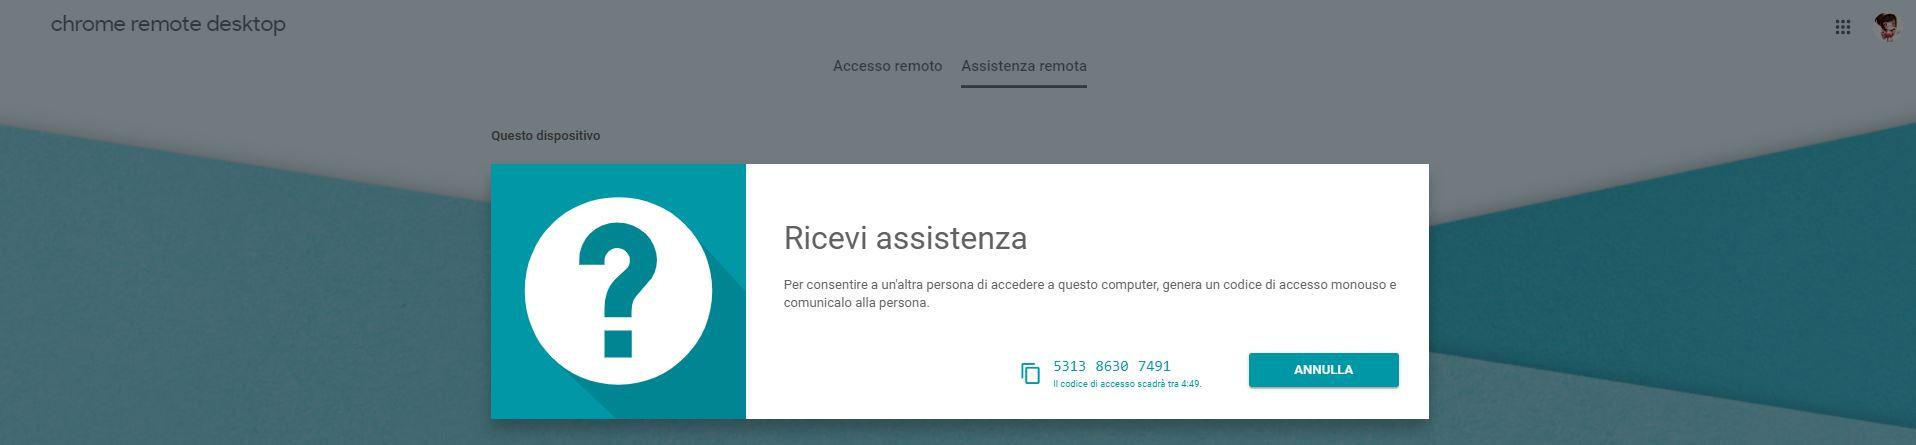 Come accedere a un desktop remoto con Chrome Remote Desktop 6